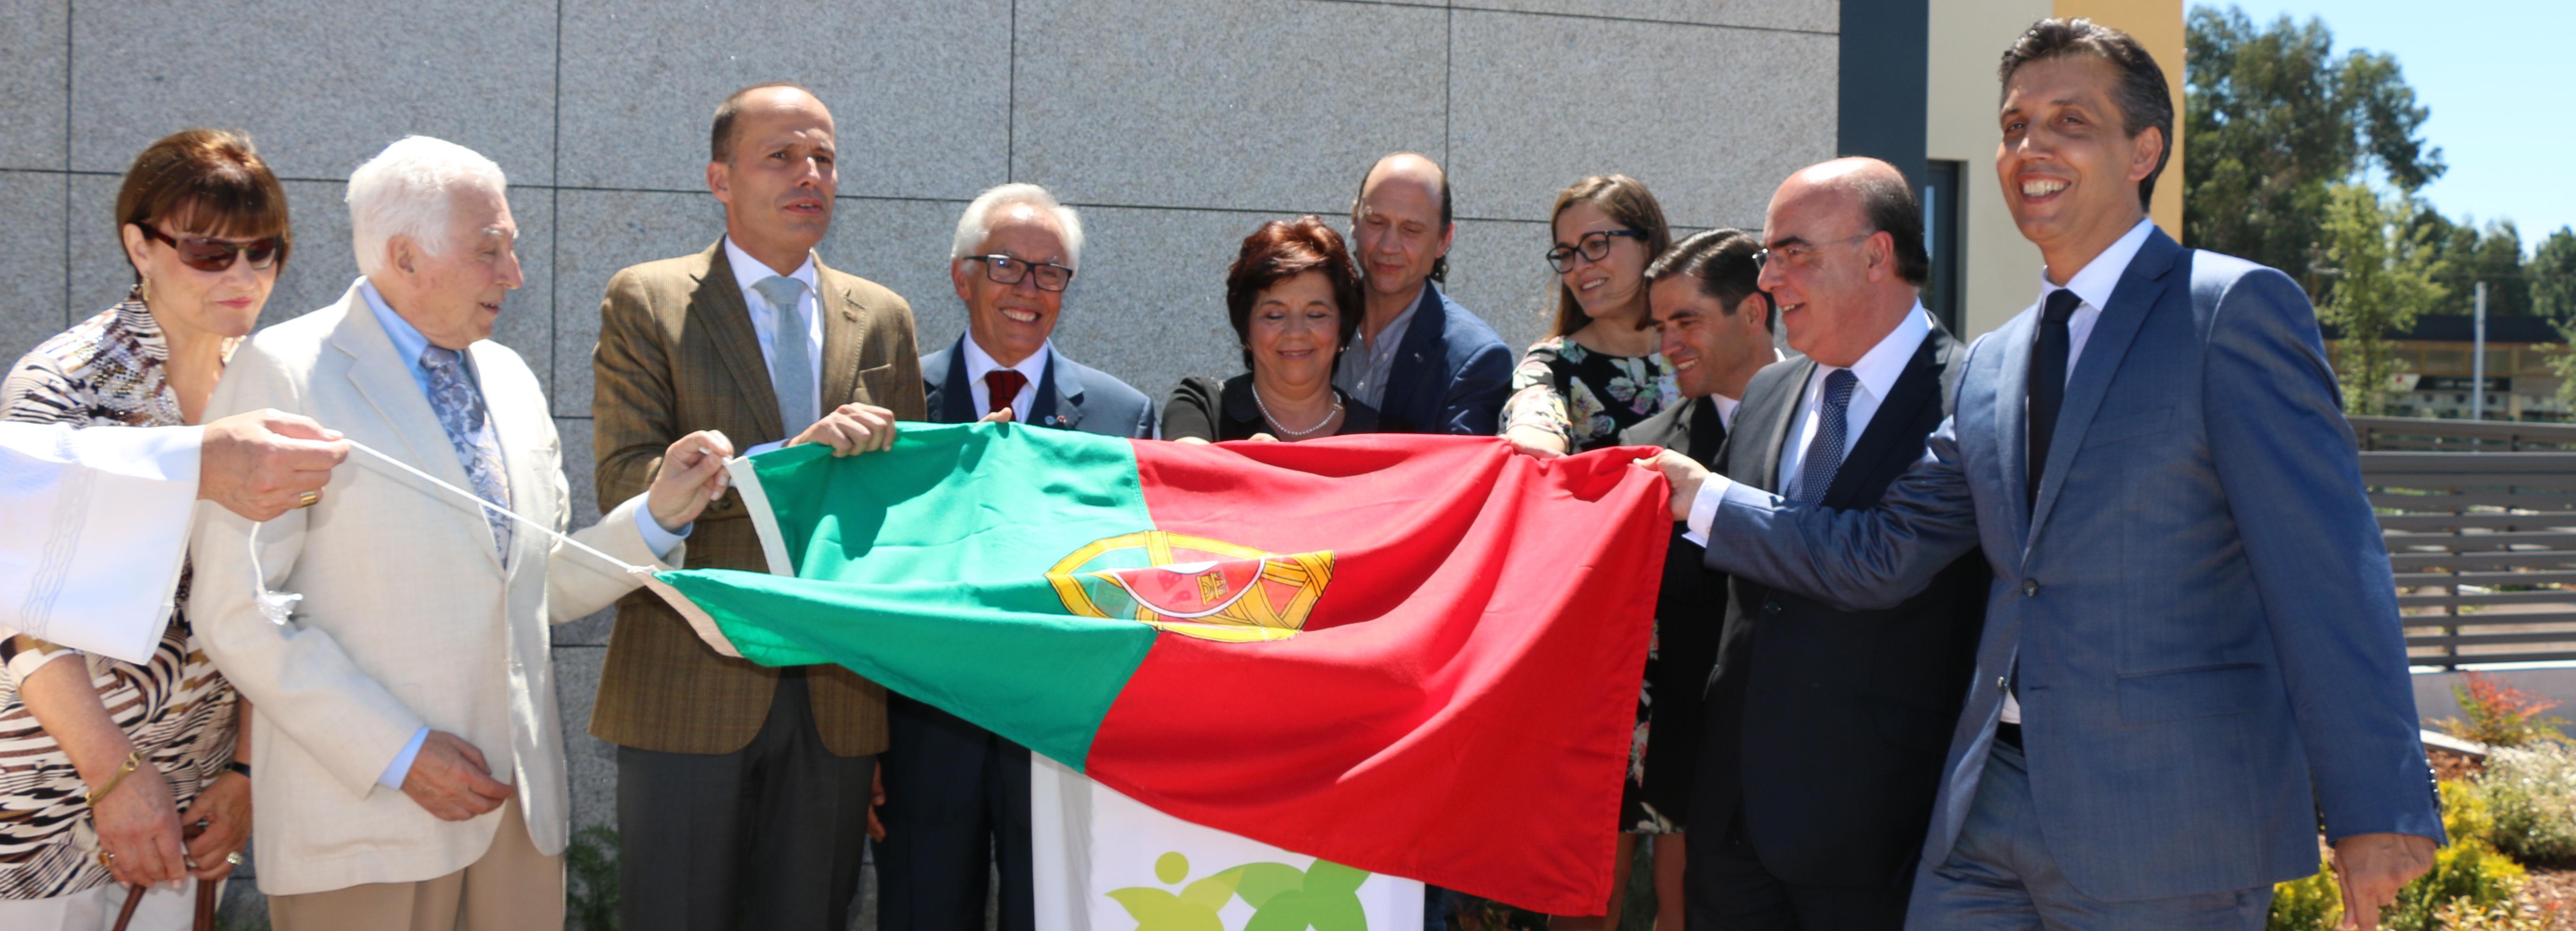 Presidente da Câmara Municipal de Barcelos marcou presença na inauguração do Centro Zulmira Pereira Simões